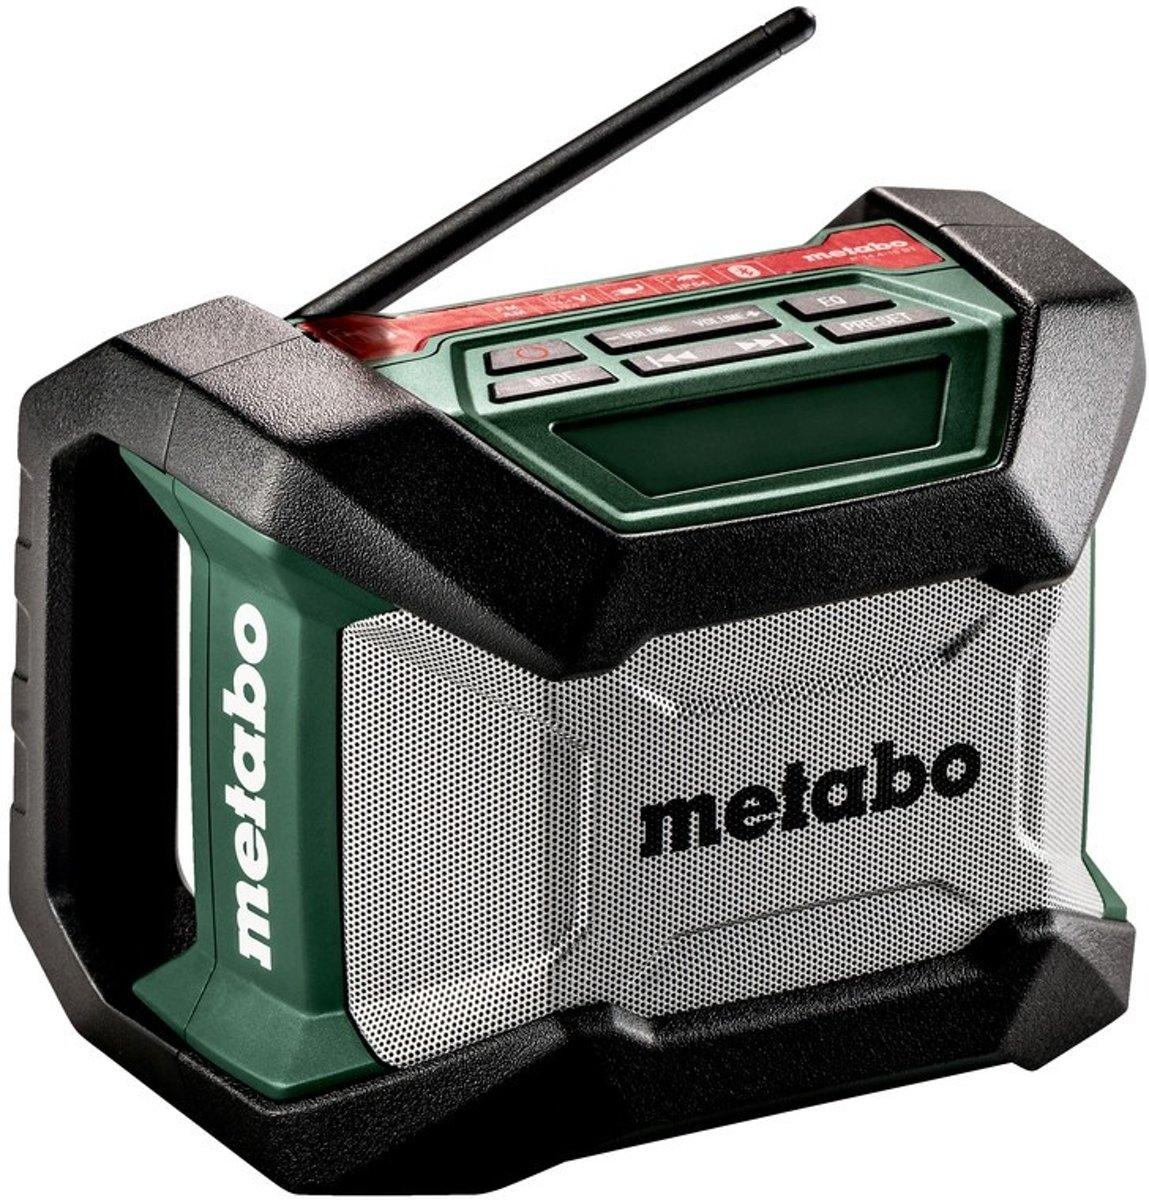 Metabo R 12-18 FM Bouwradio Zwart, Groen, Grijs